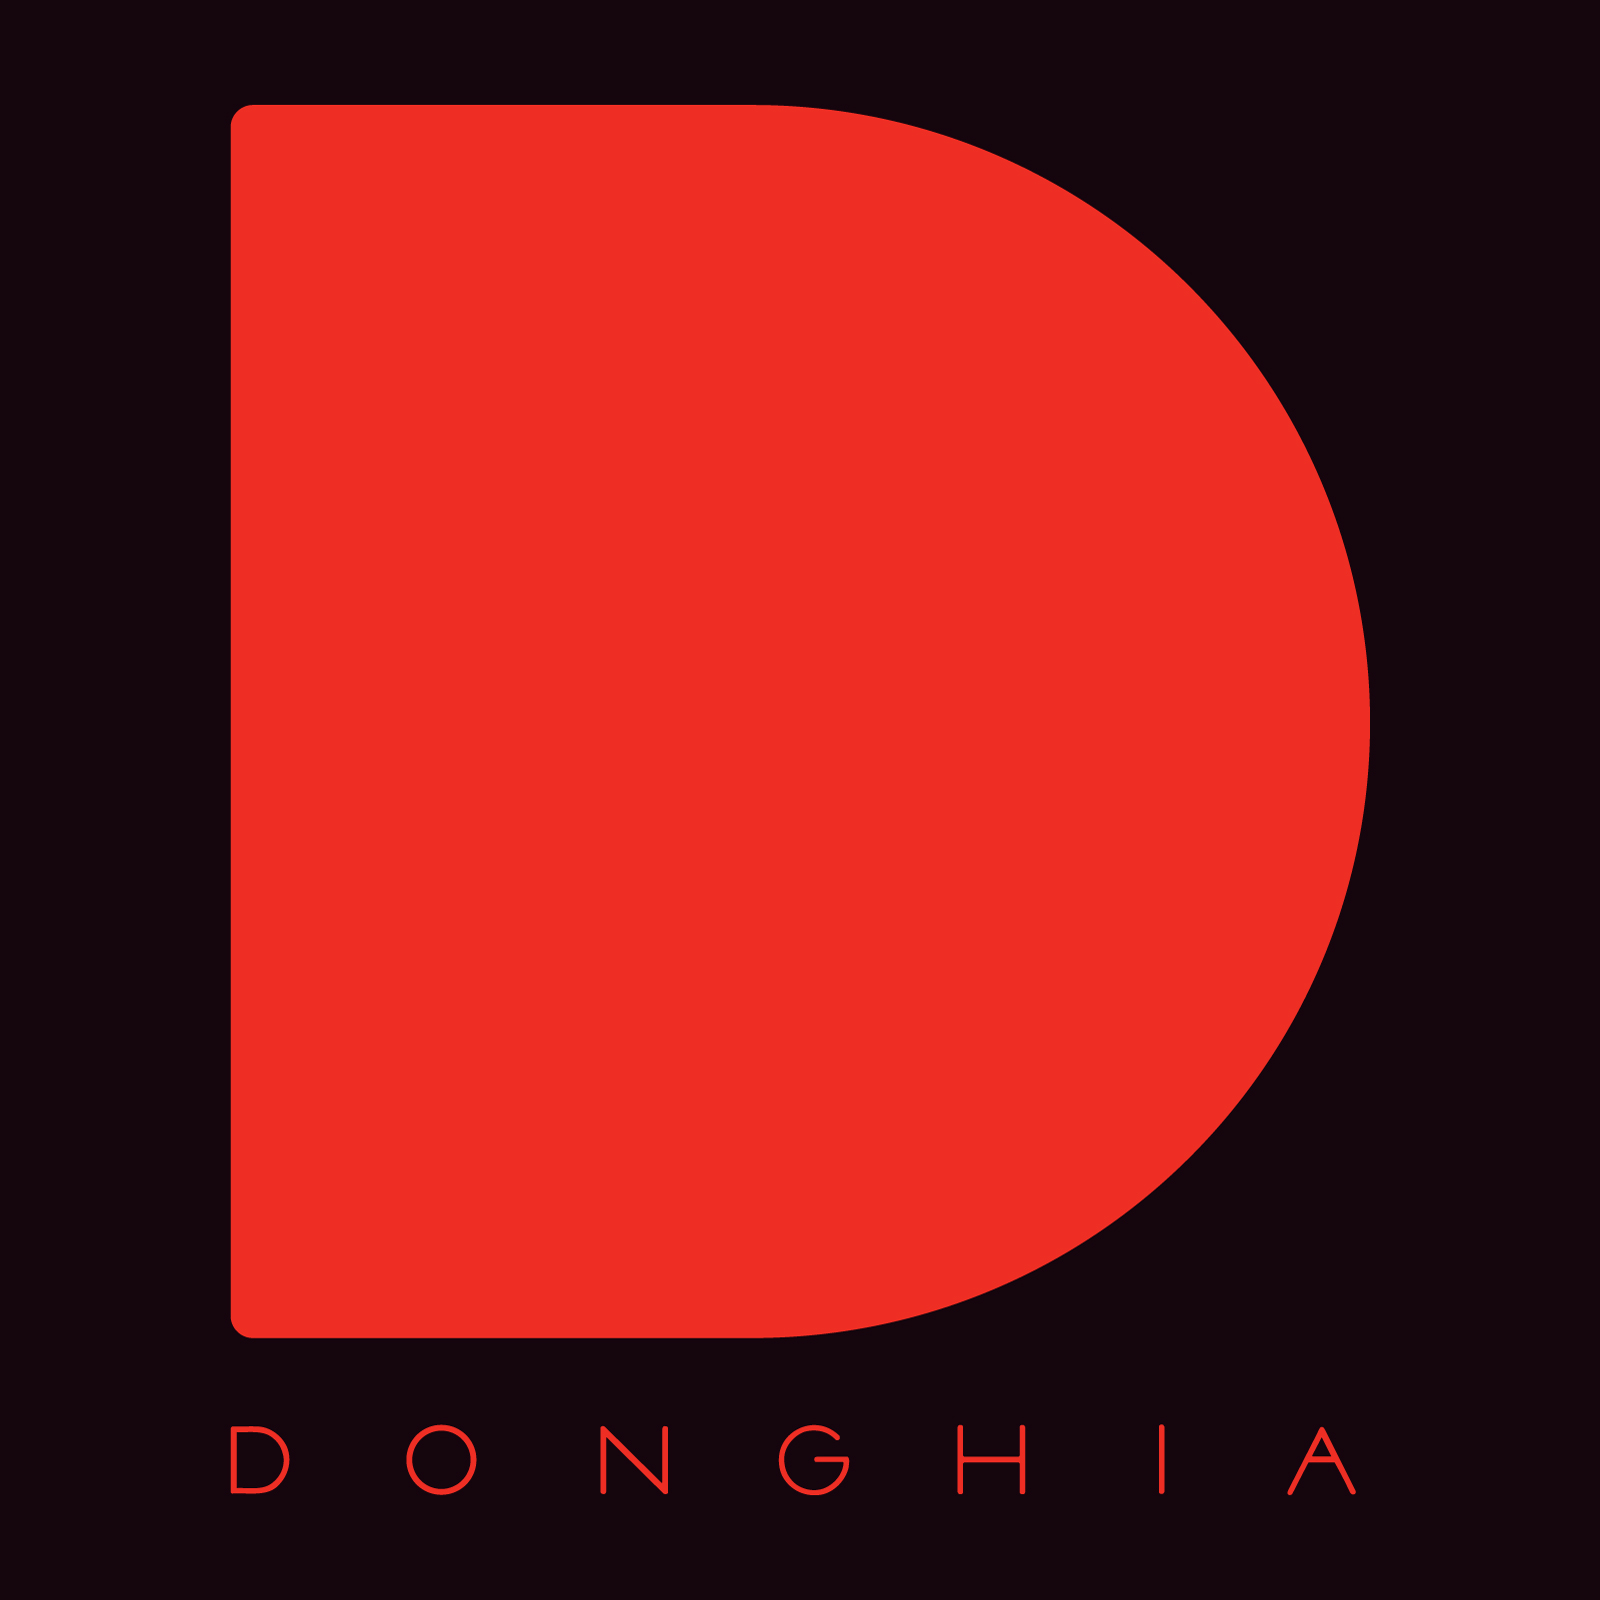 D donghia tile pms412 pms485